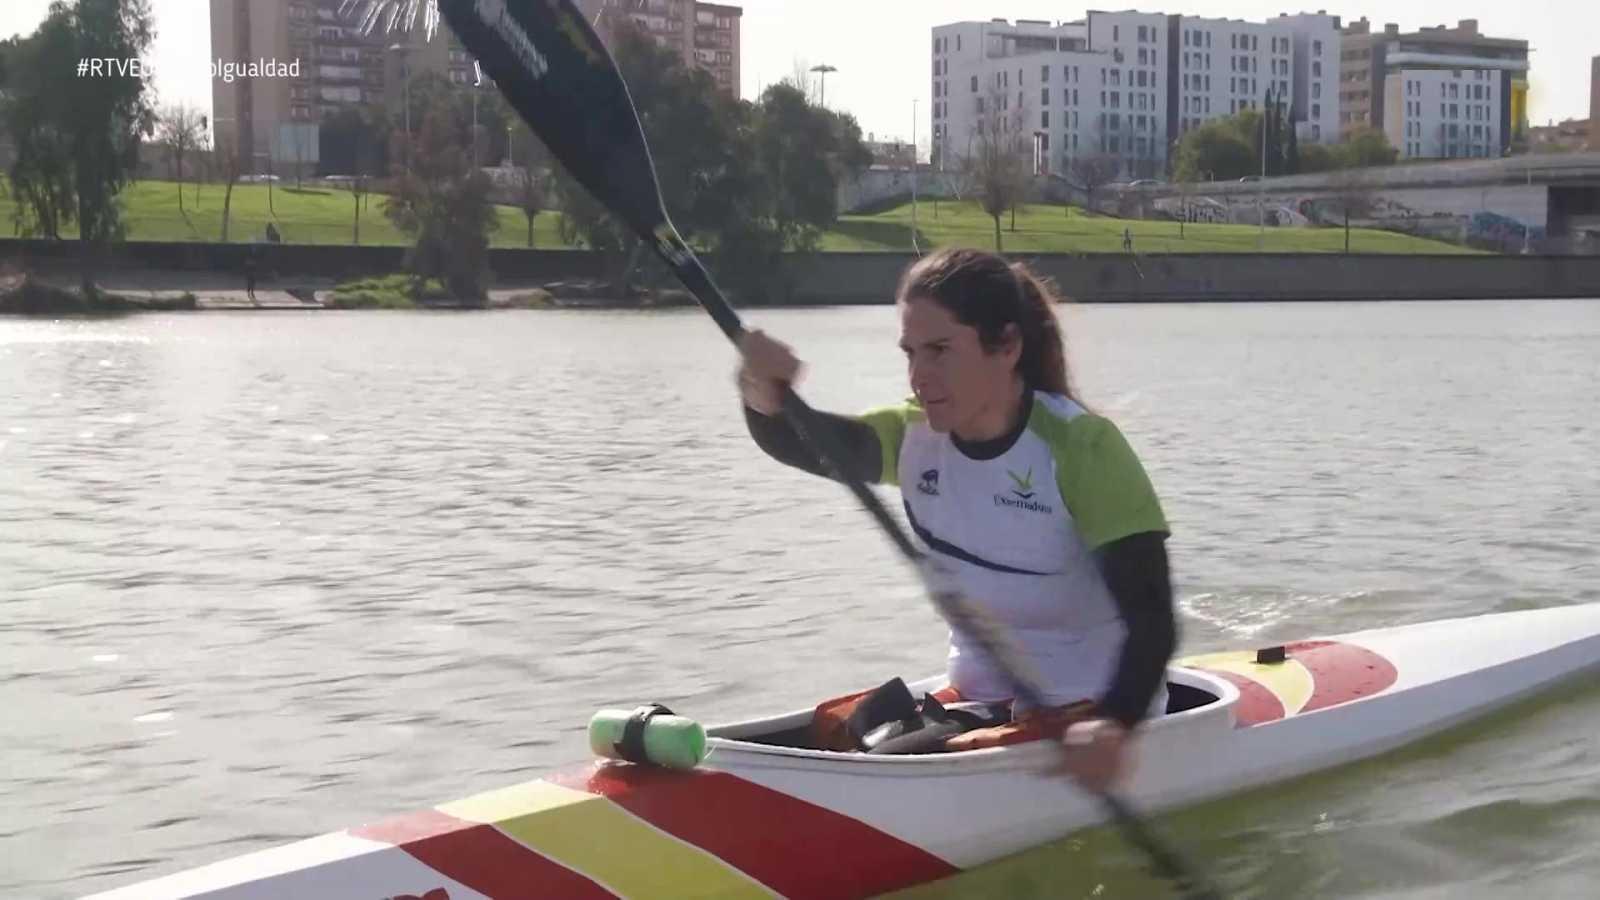 Mujer y deporte - Inés Felipe: Piragüismo adaptado - ver ahora